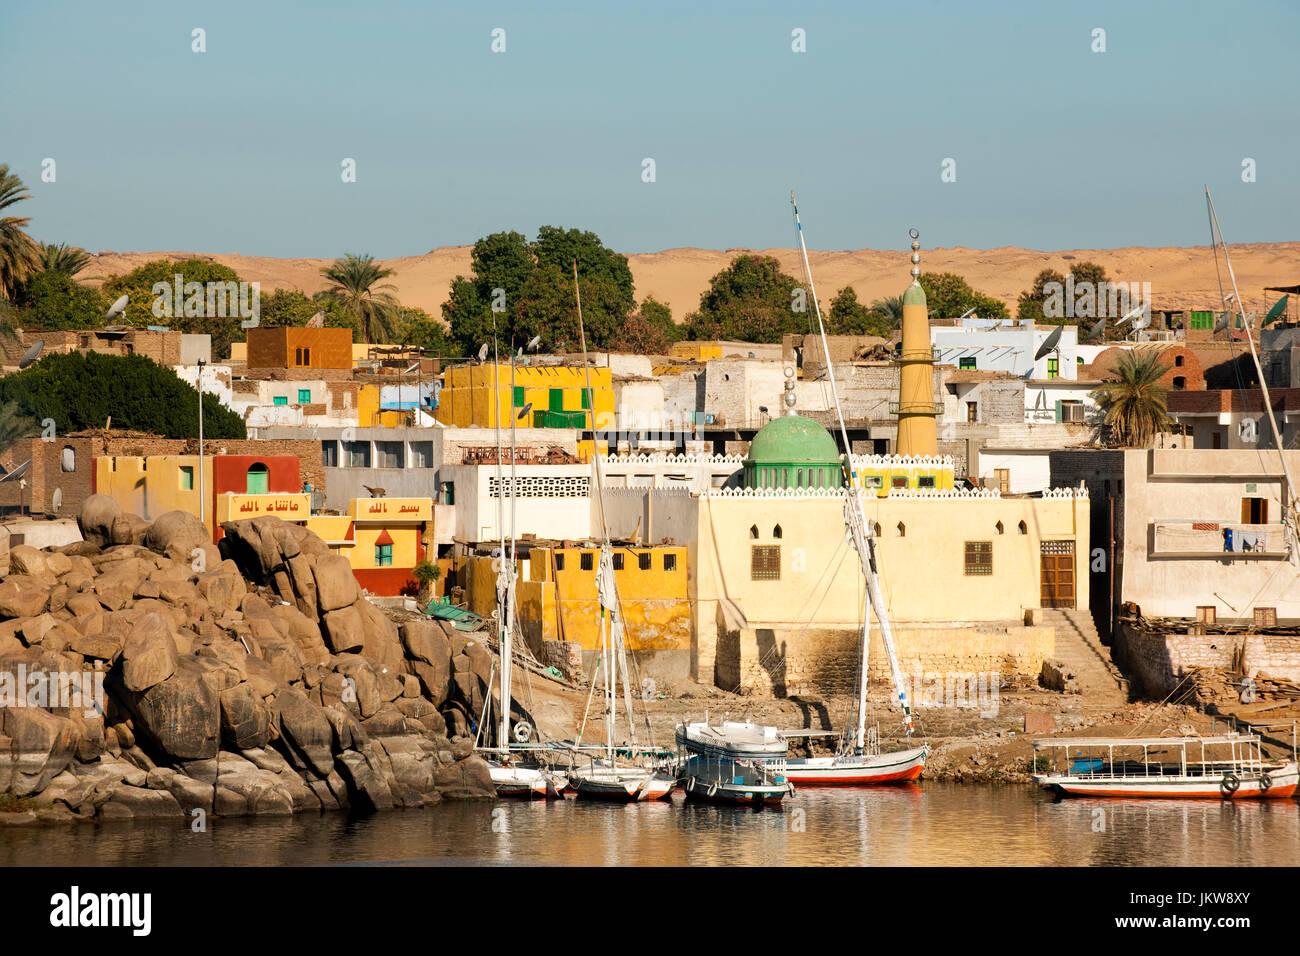 Aegypten, Assuan, nubisches Dorf auf der Insel Elephantine - Stock Image